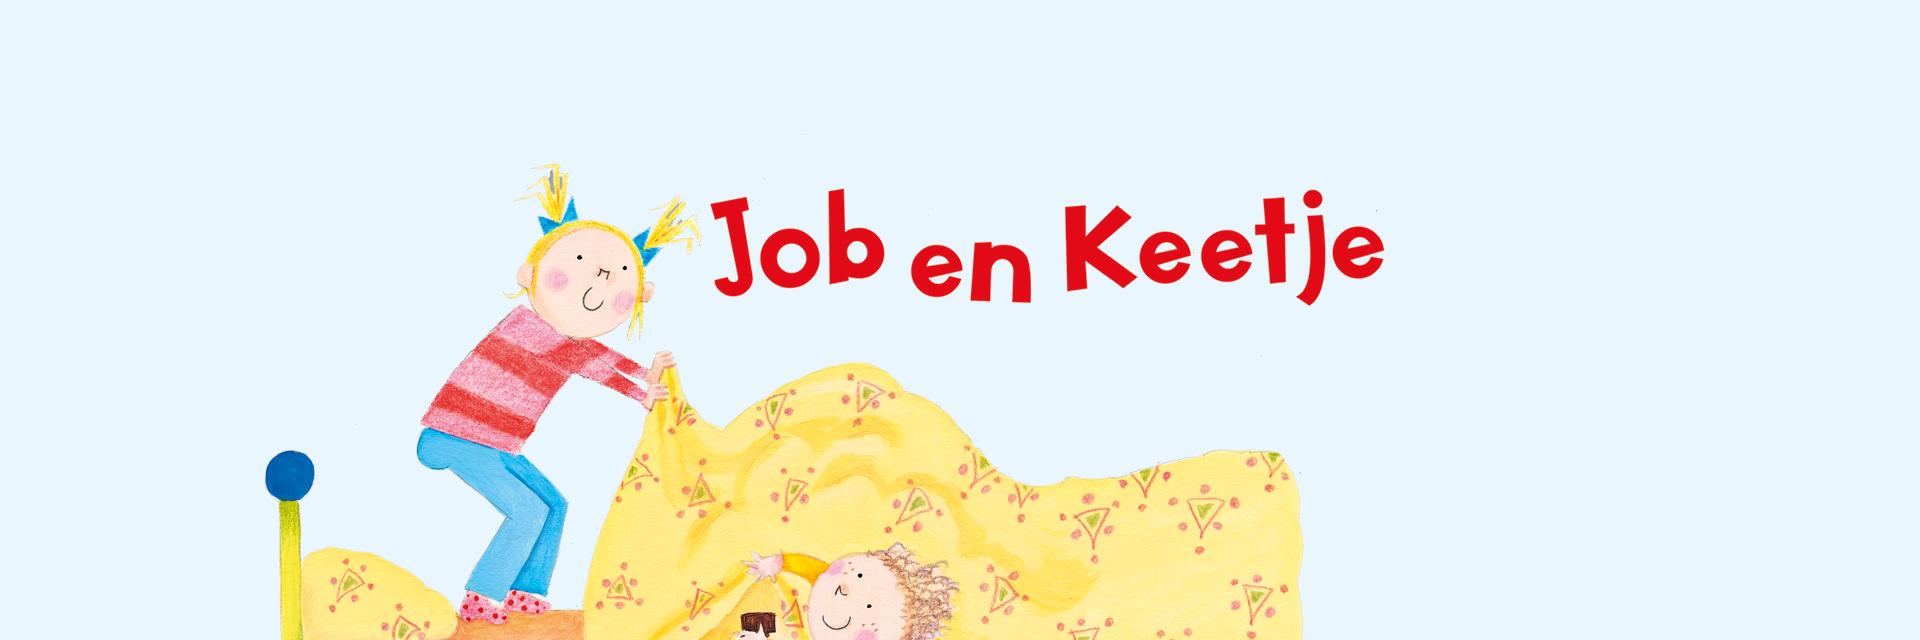 Job en Keetje - Lizette de Koning - Jeska Verstegen